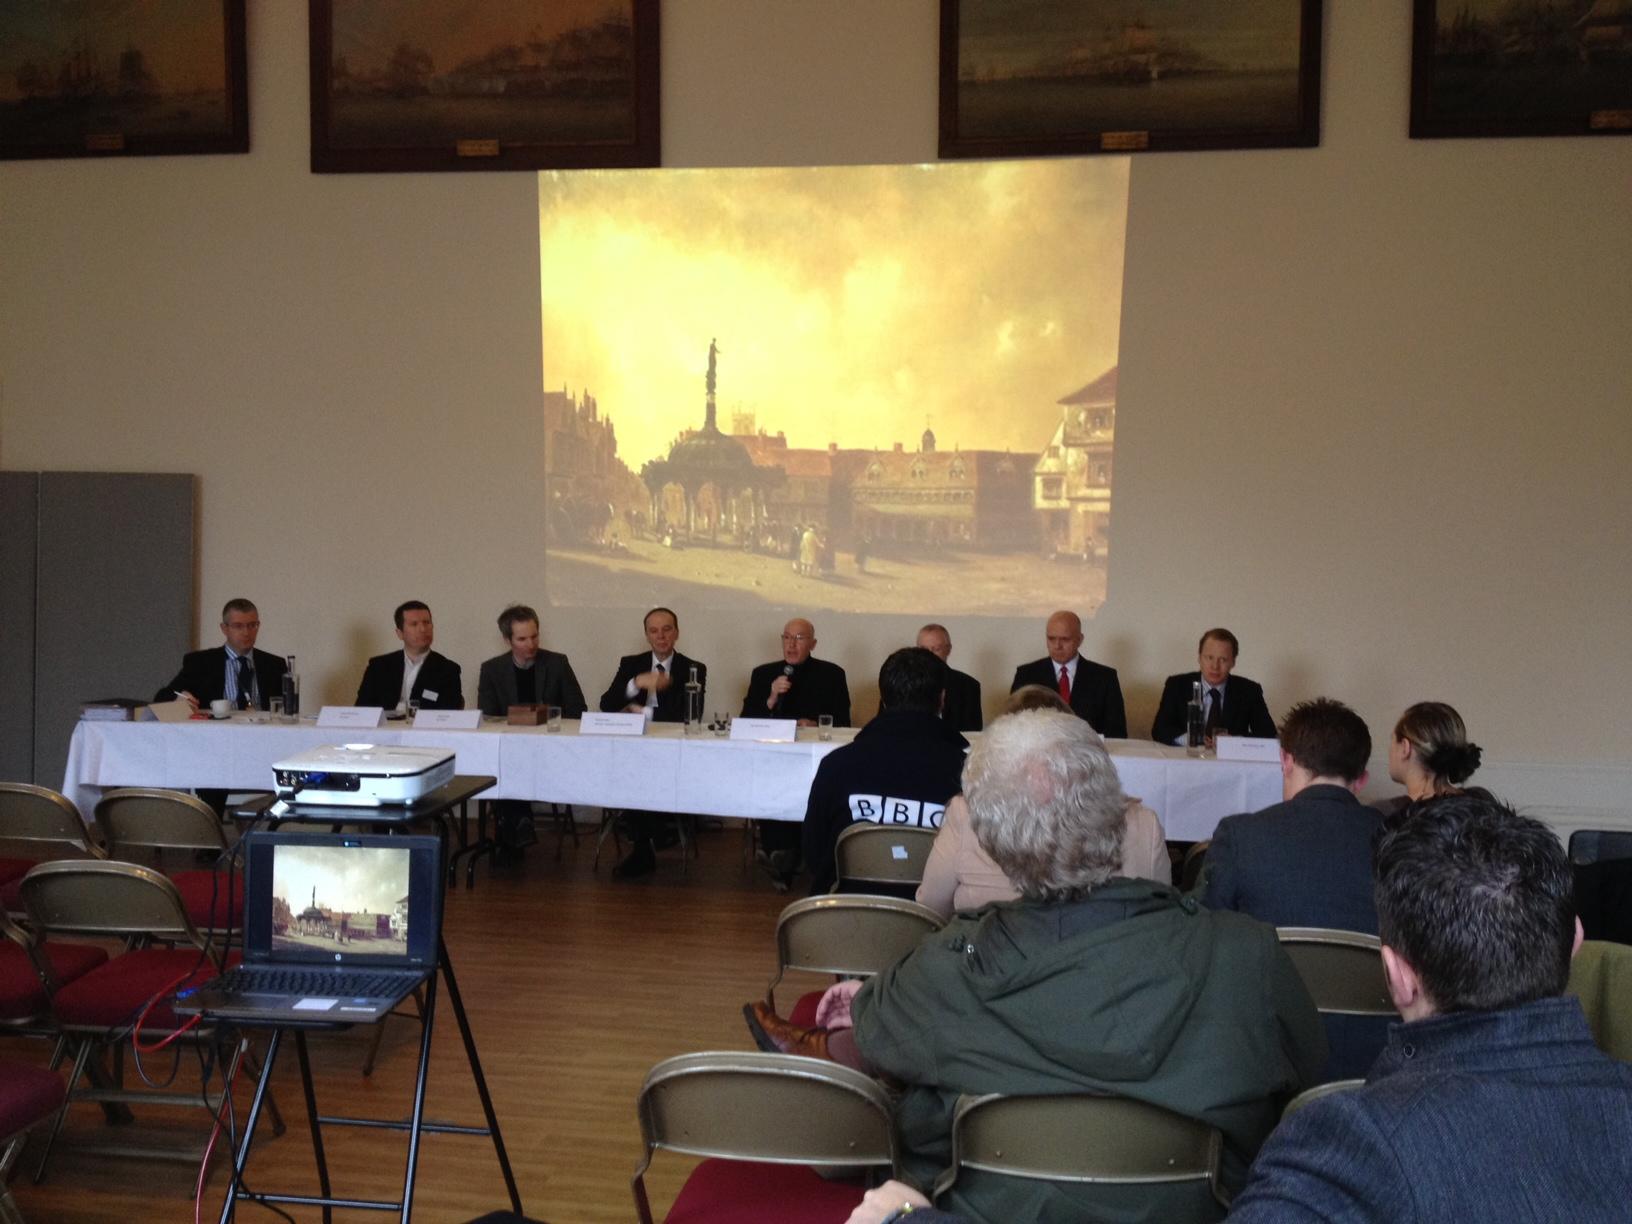 Ipswich Cornhill Refit Press Conference